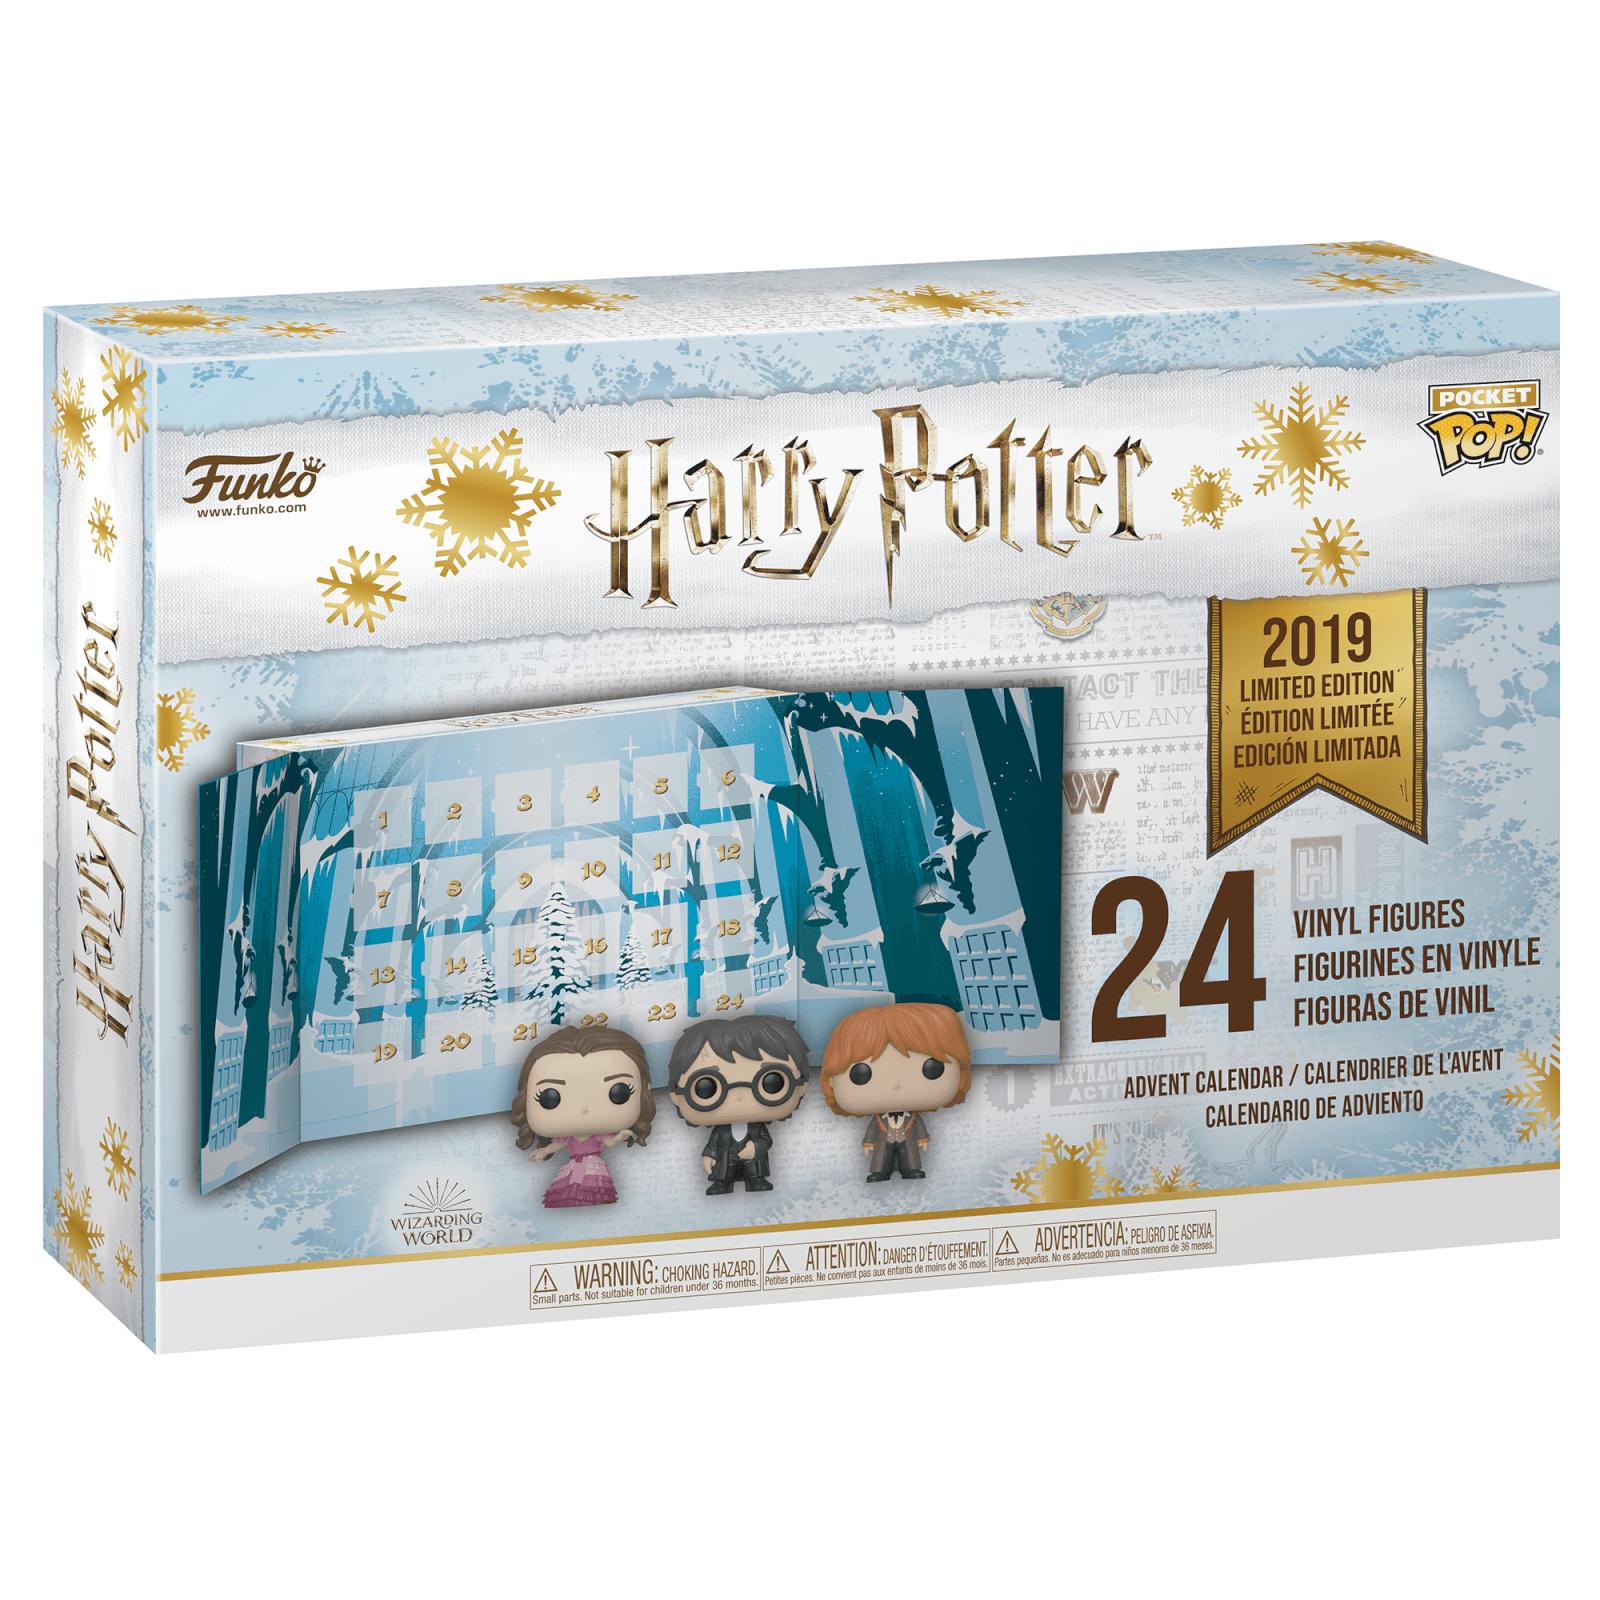 Calendrier de l'Avent 2019 Funko Pocket Pop! Harry Potter